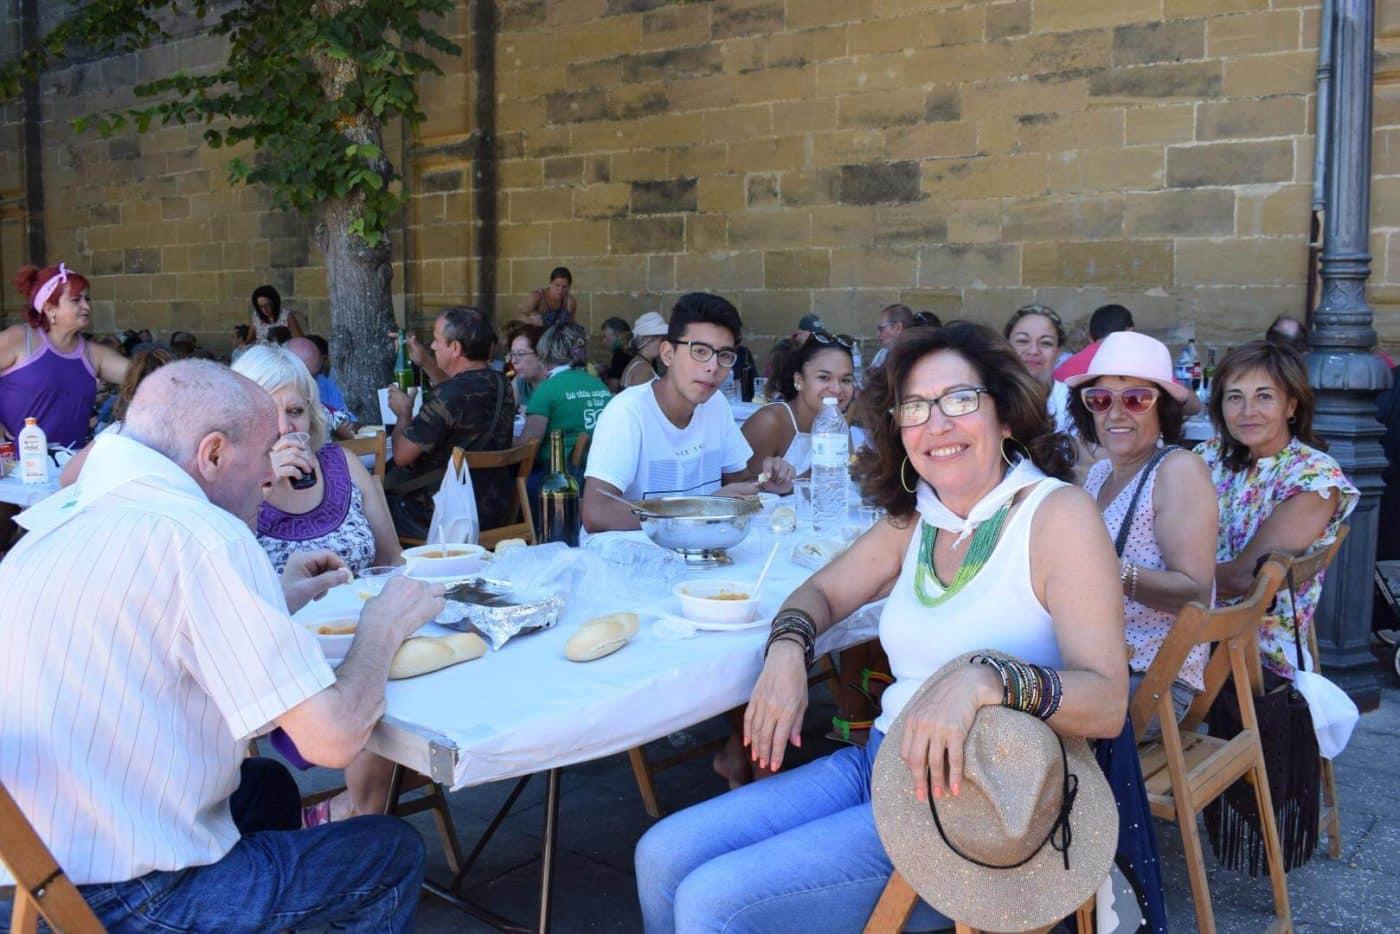 El soniquete binguero, colofón a la comida de hermandad del Barrio de las Huertas 5